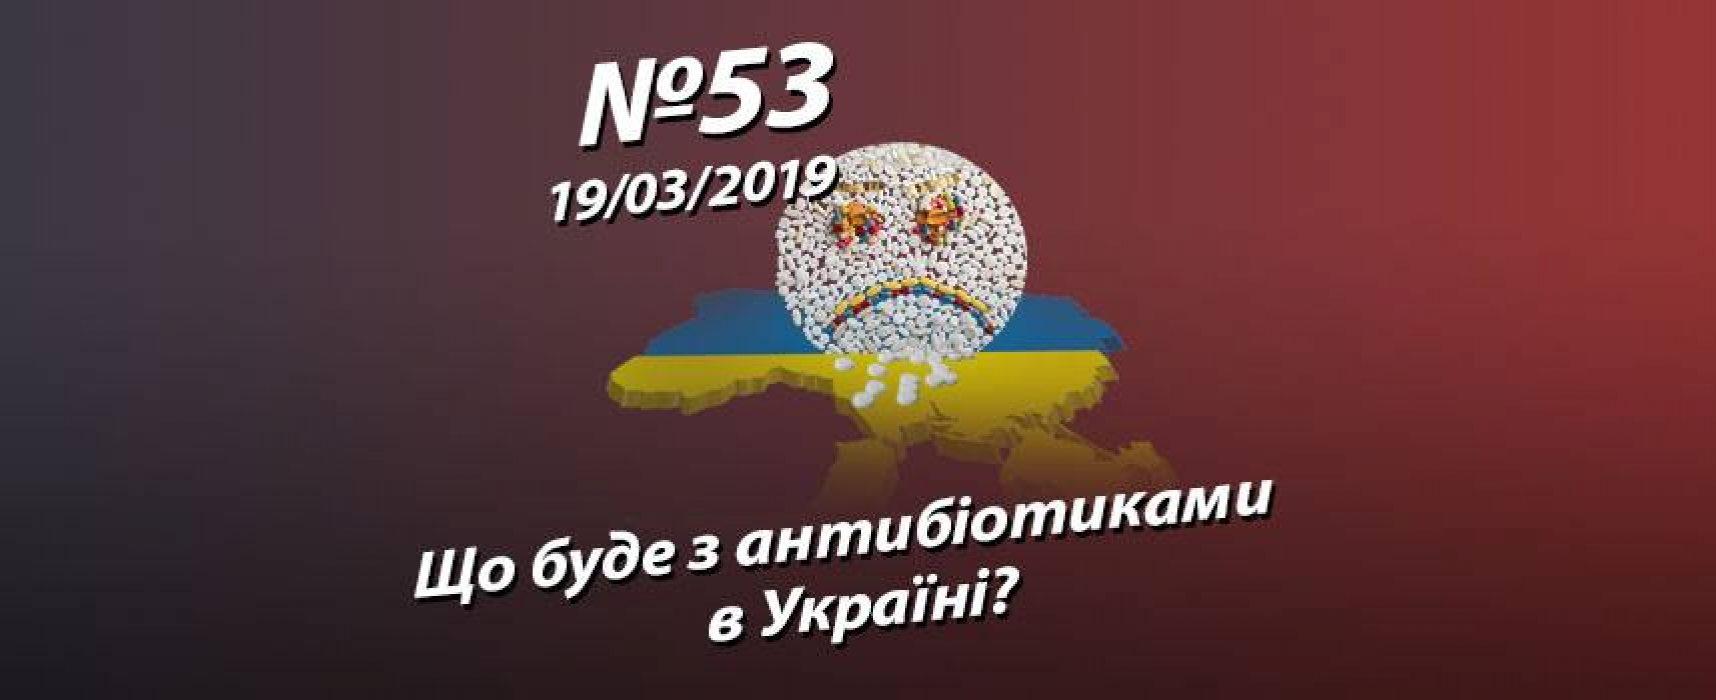 Що буде з антибіотиками в Україні? – StopFake.org